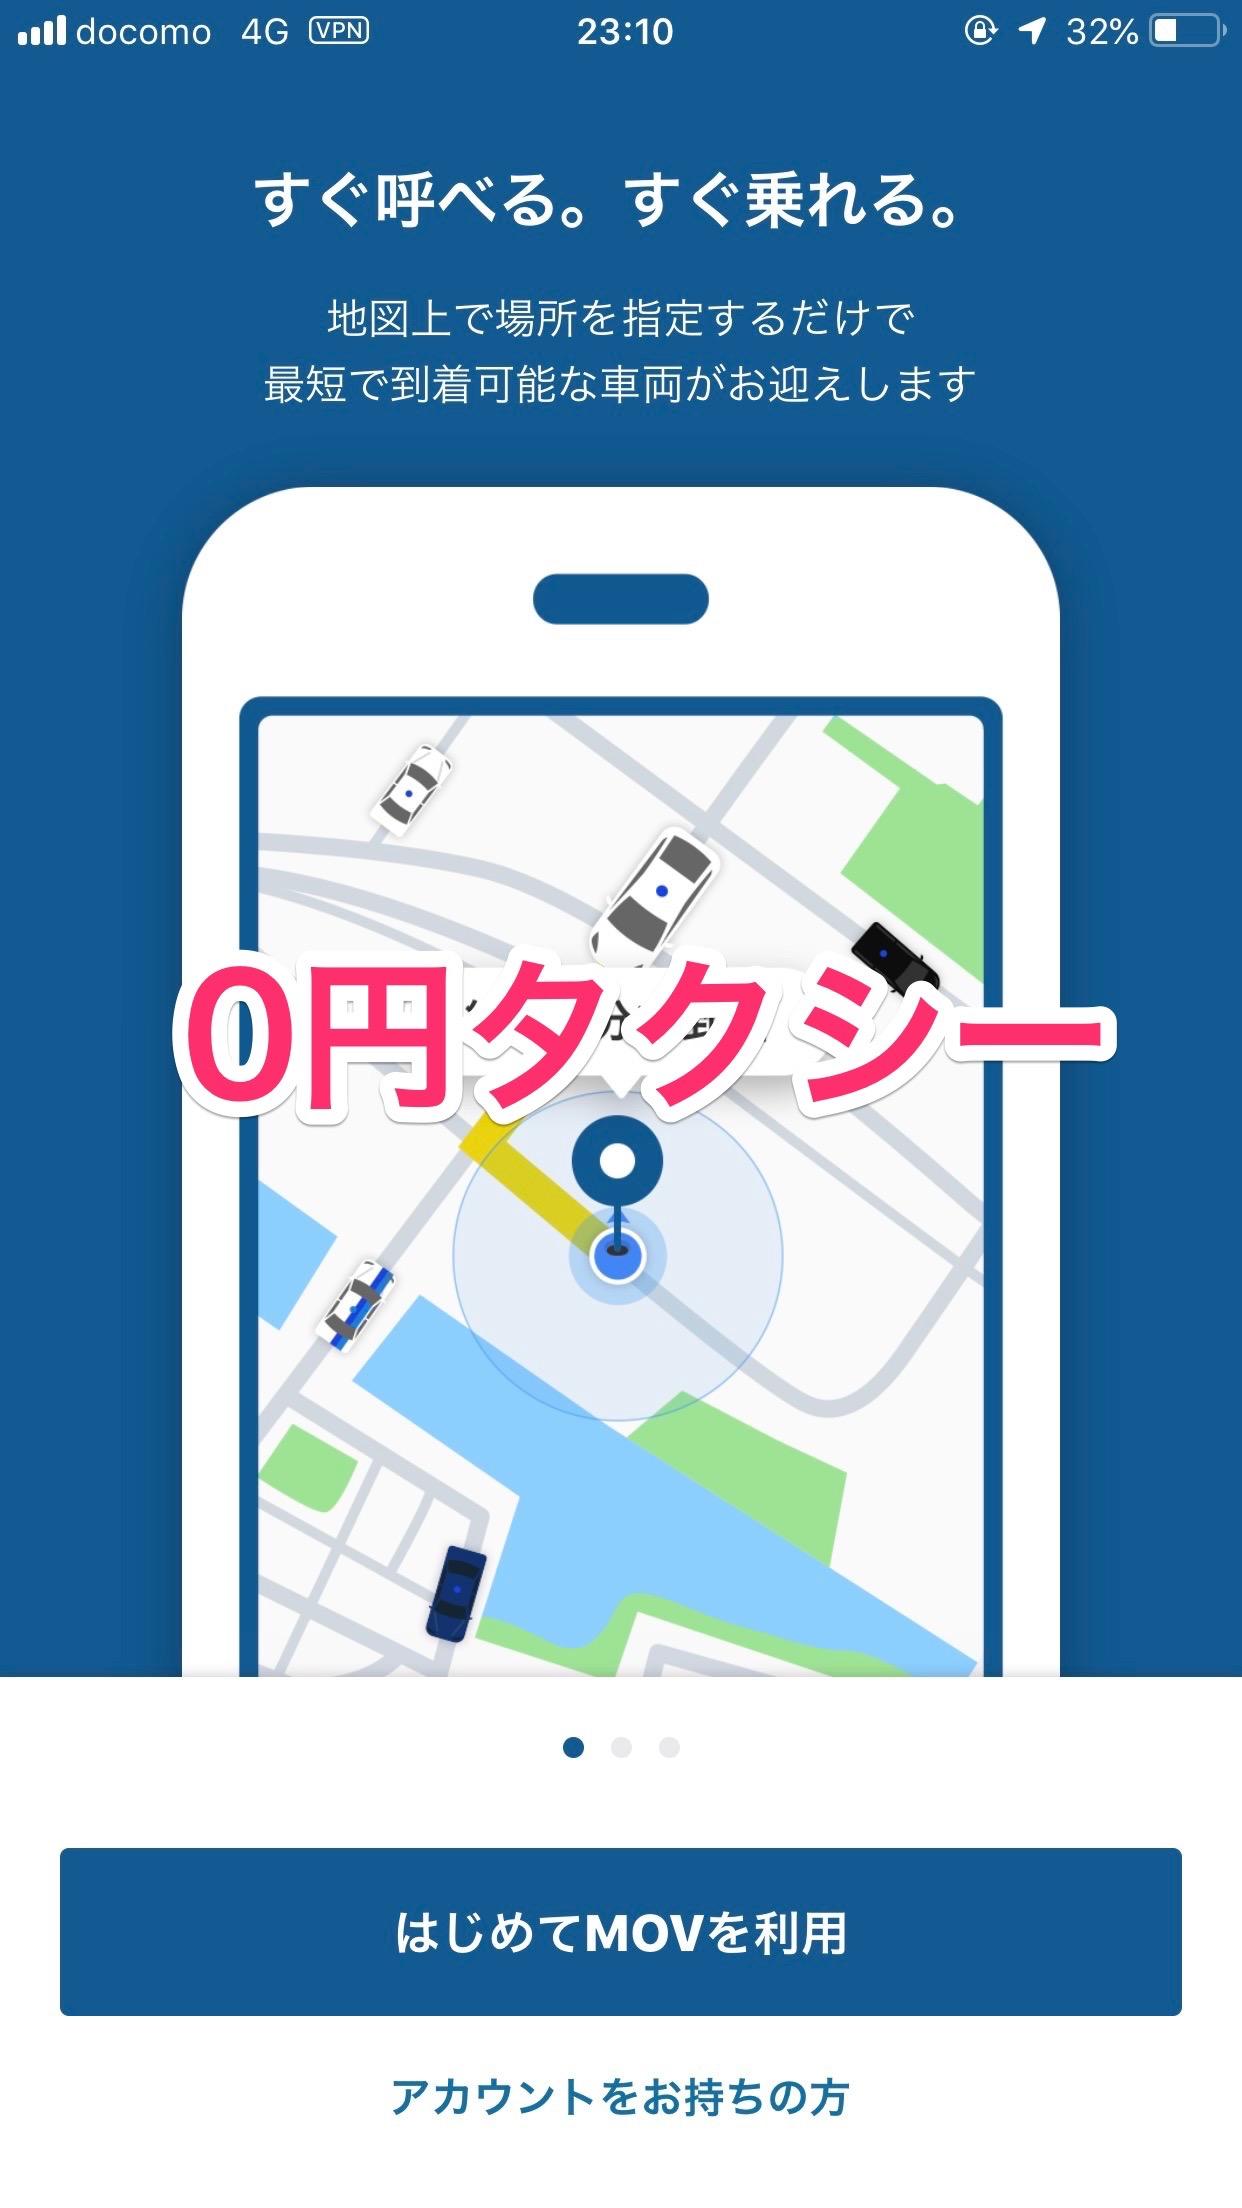 「0円タクシー」DeNAがタクシー配車アプリ「MOV」で開始